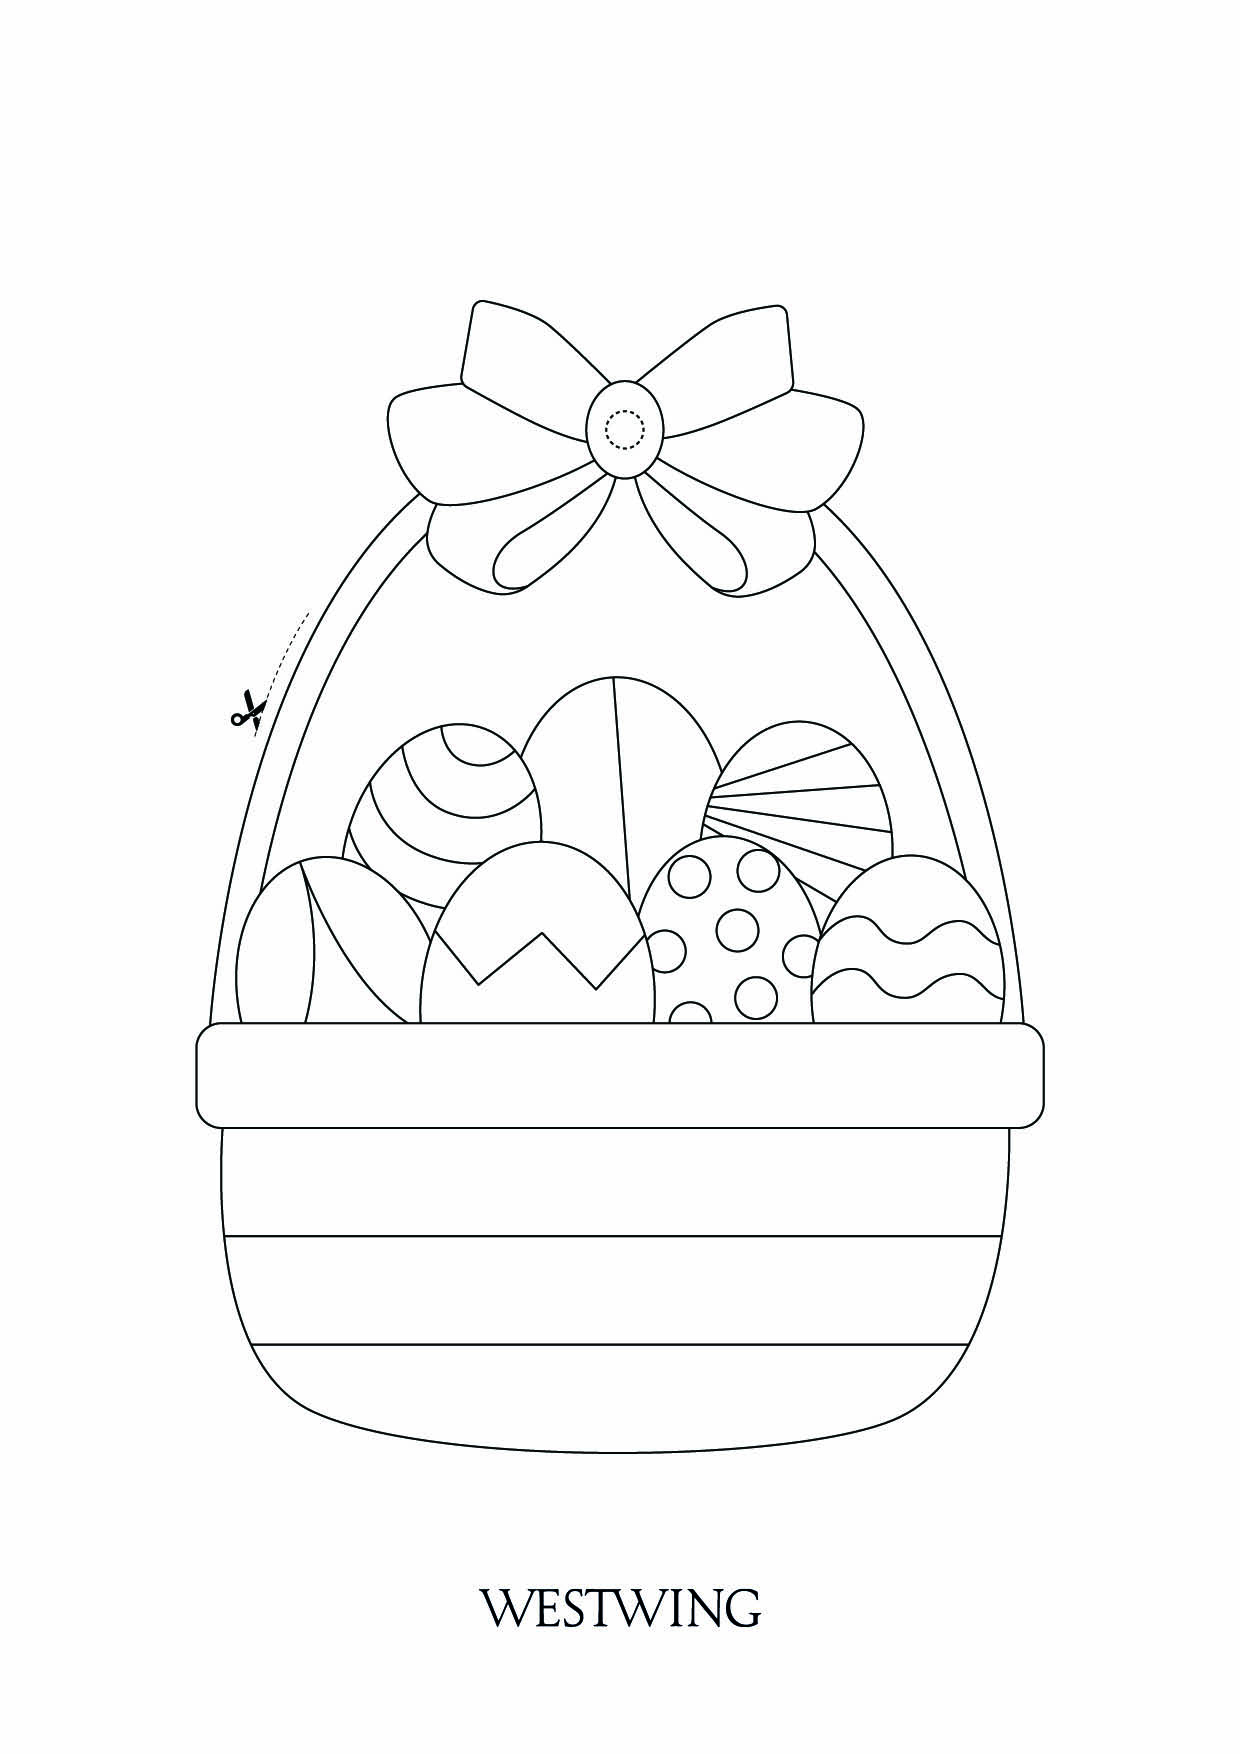 Coloriage de Pâques à imprimer pour enfants